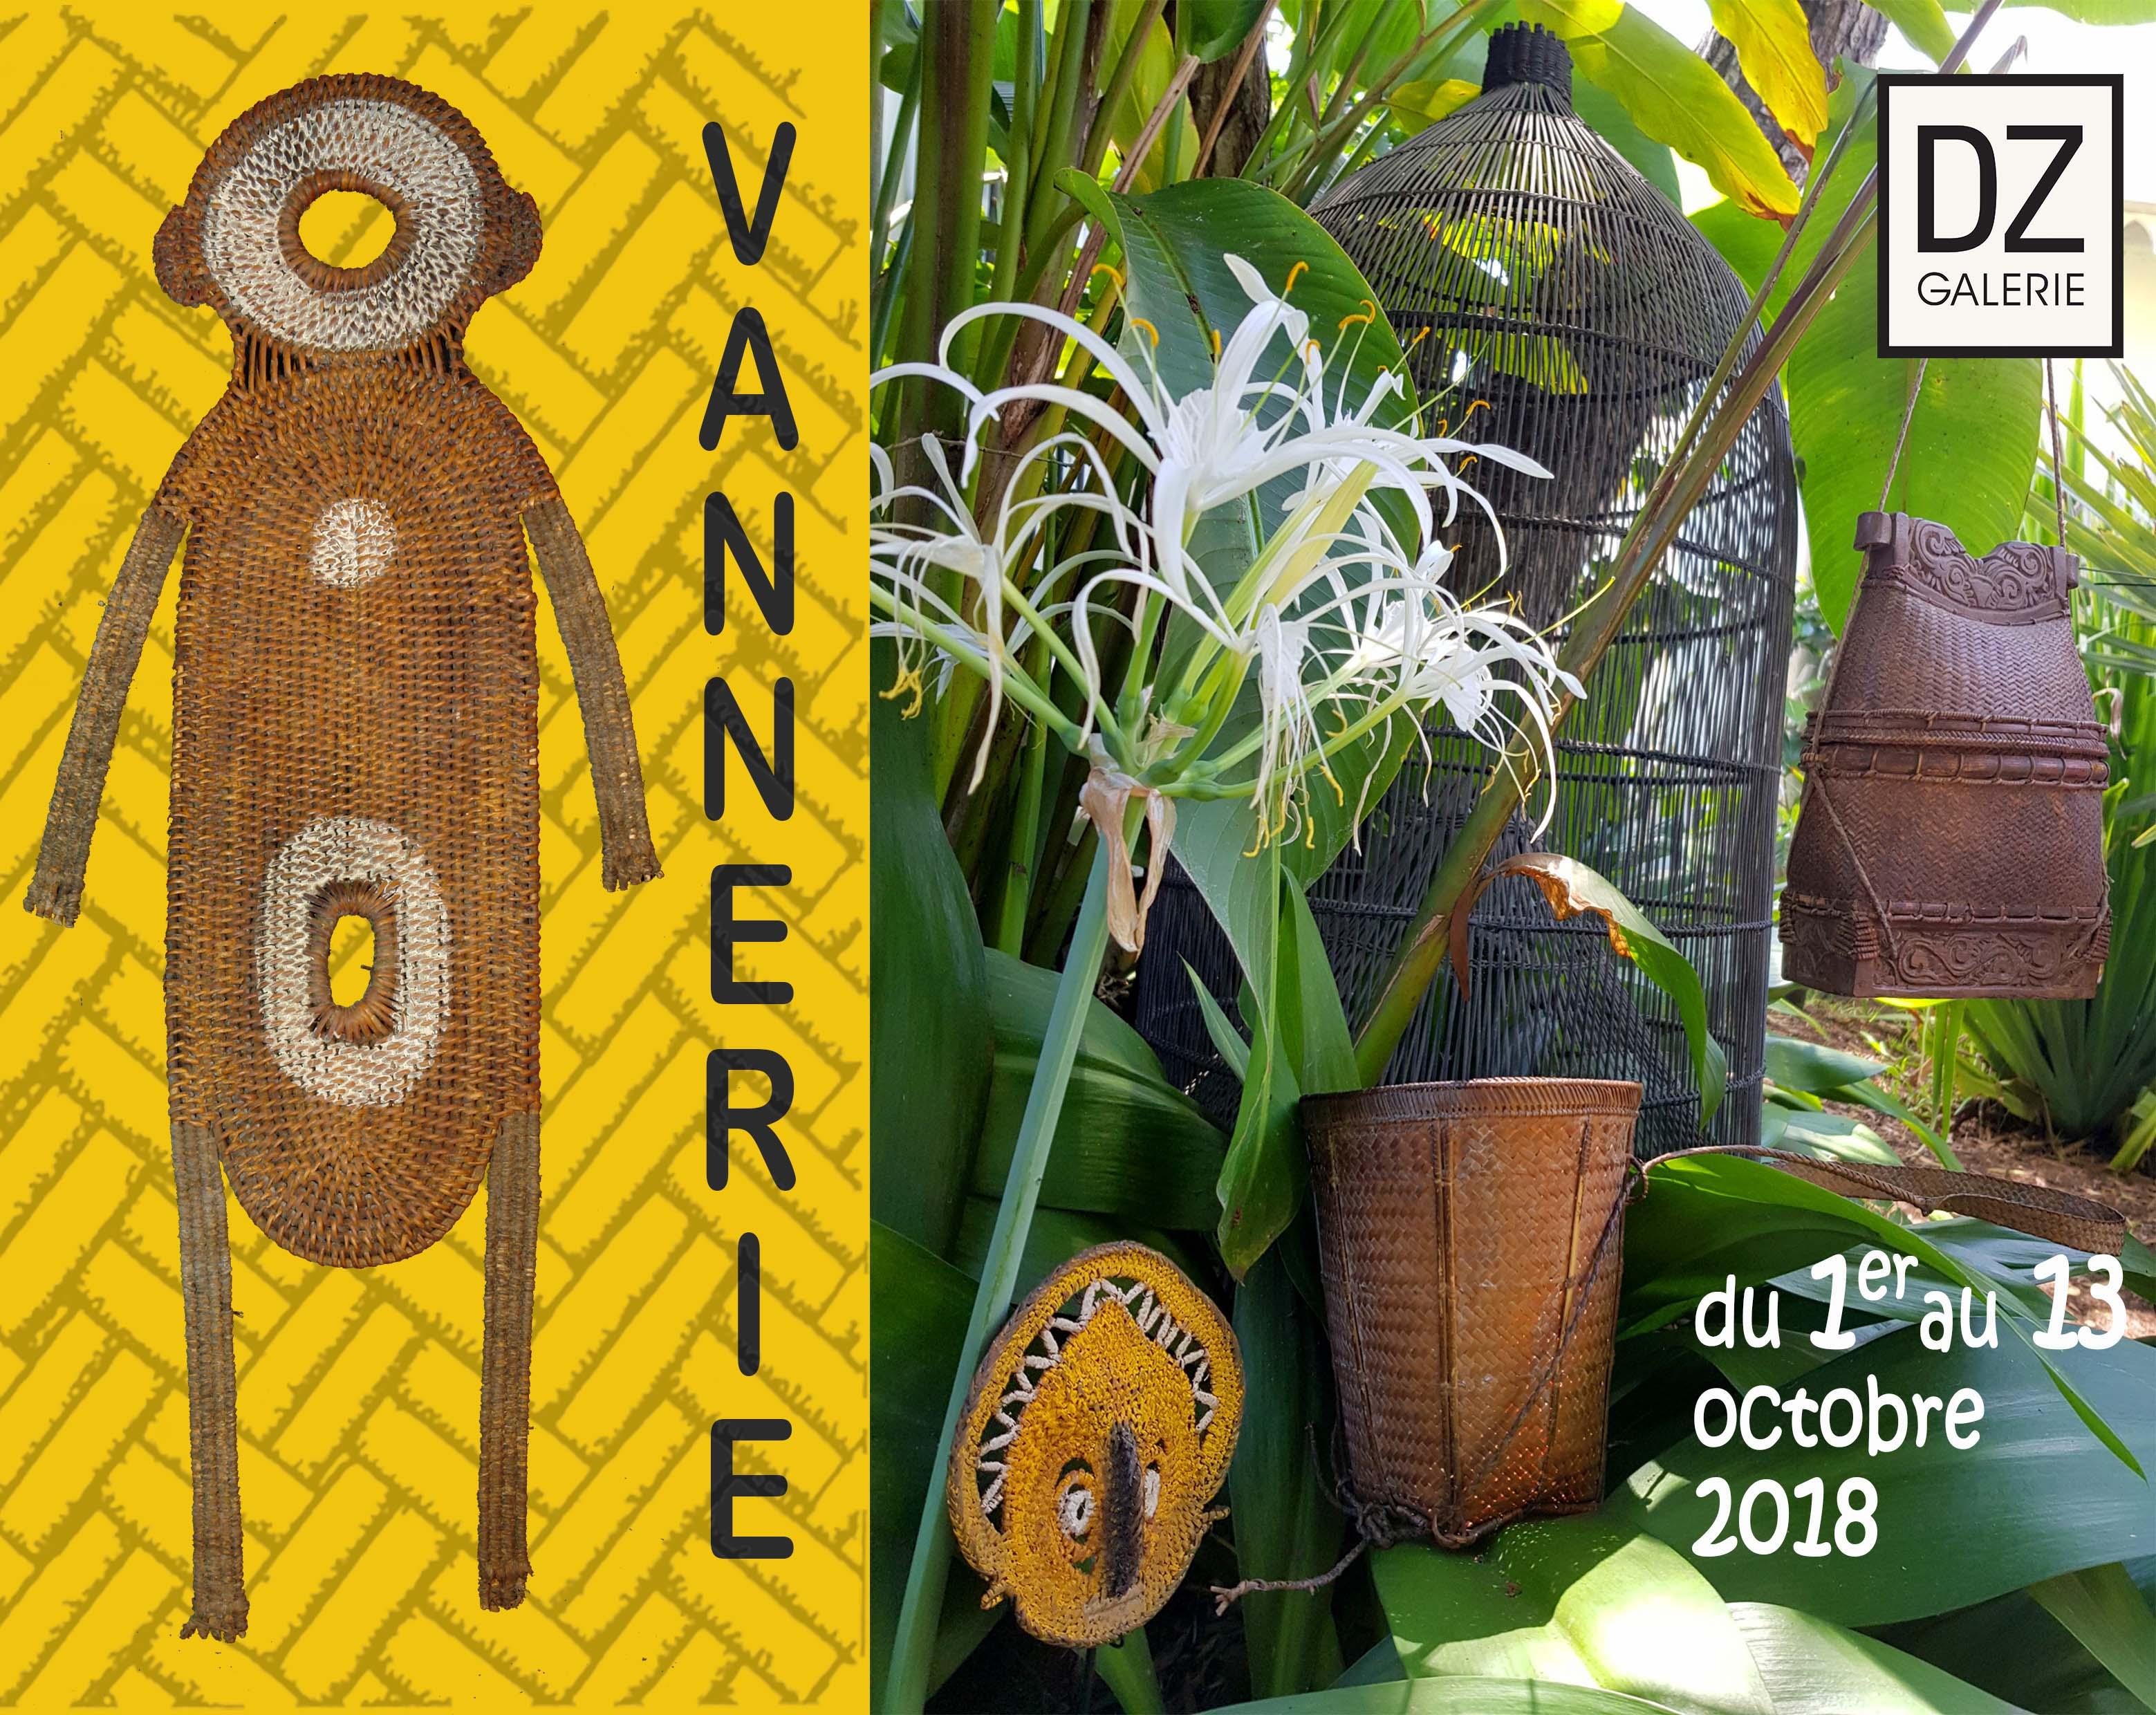 VANNERIE, du 1er au 13 octobre – NOUMÉA